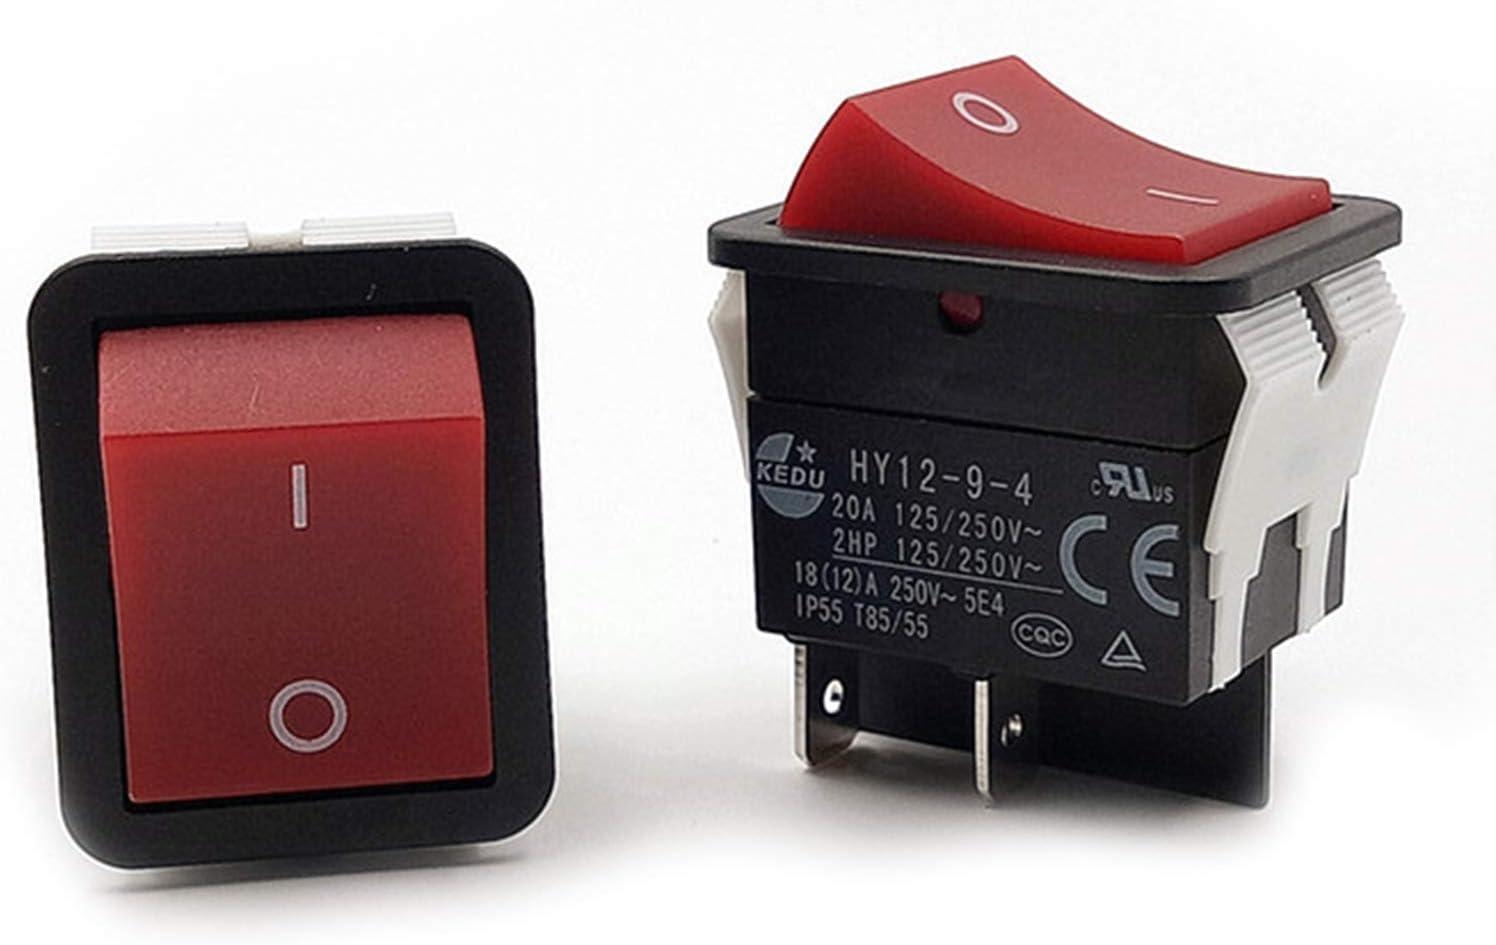 LICHIFIT 1PC KEDU Power On Off Interrupteur /à bascule Bouton-poussoir 4 brochesIP55 T85HY12-9-4